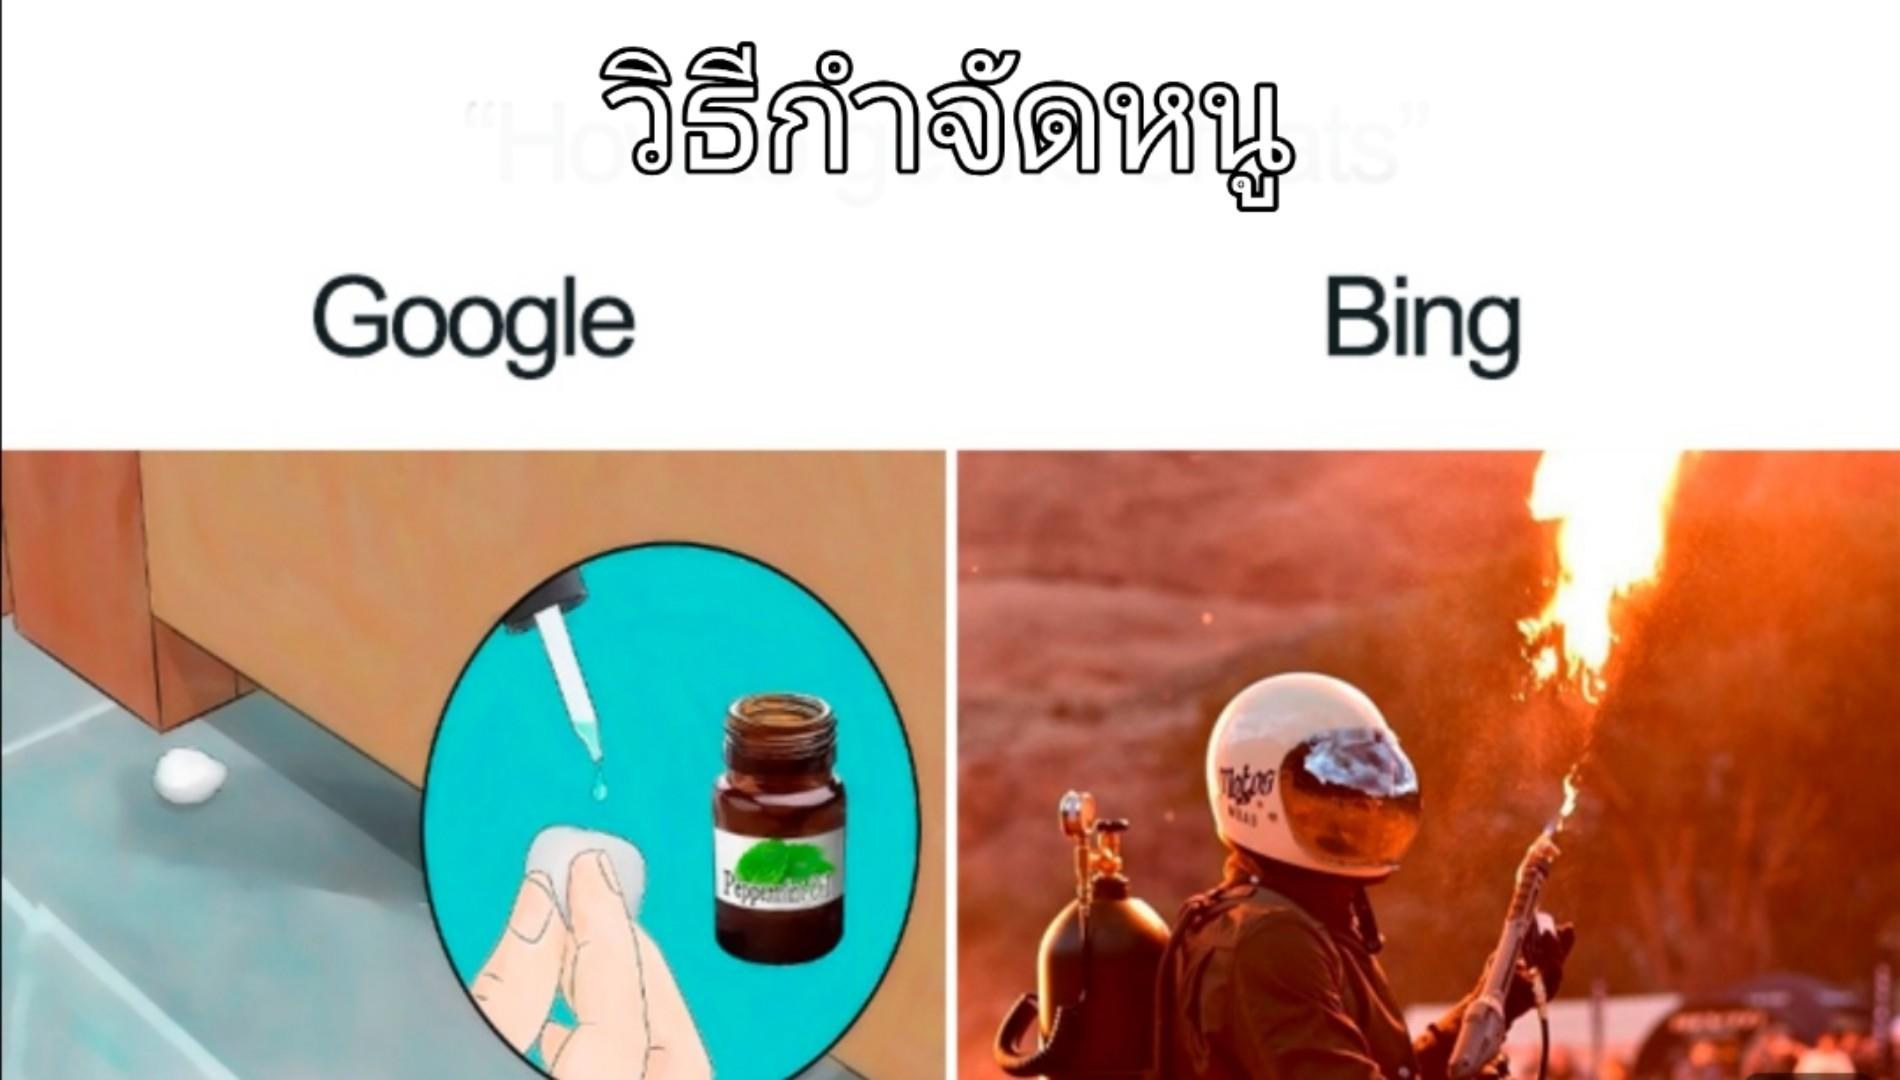 10 คำค้นหายอดฮิต ที่ให้คำตอบแตกต่างกันระหว่าง Google และ Bing จะฮาแค่ไหนไปชมกัน !!!